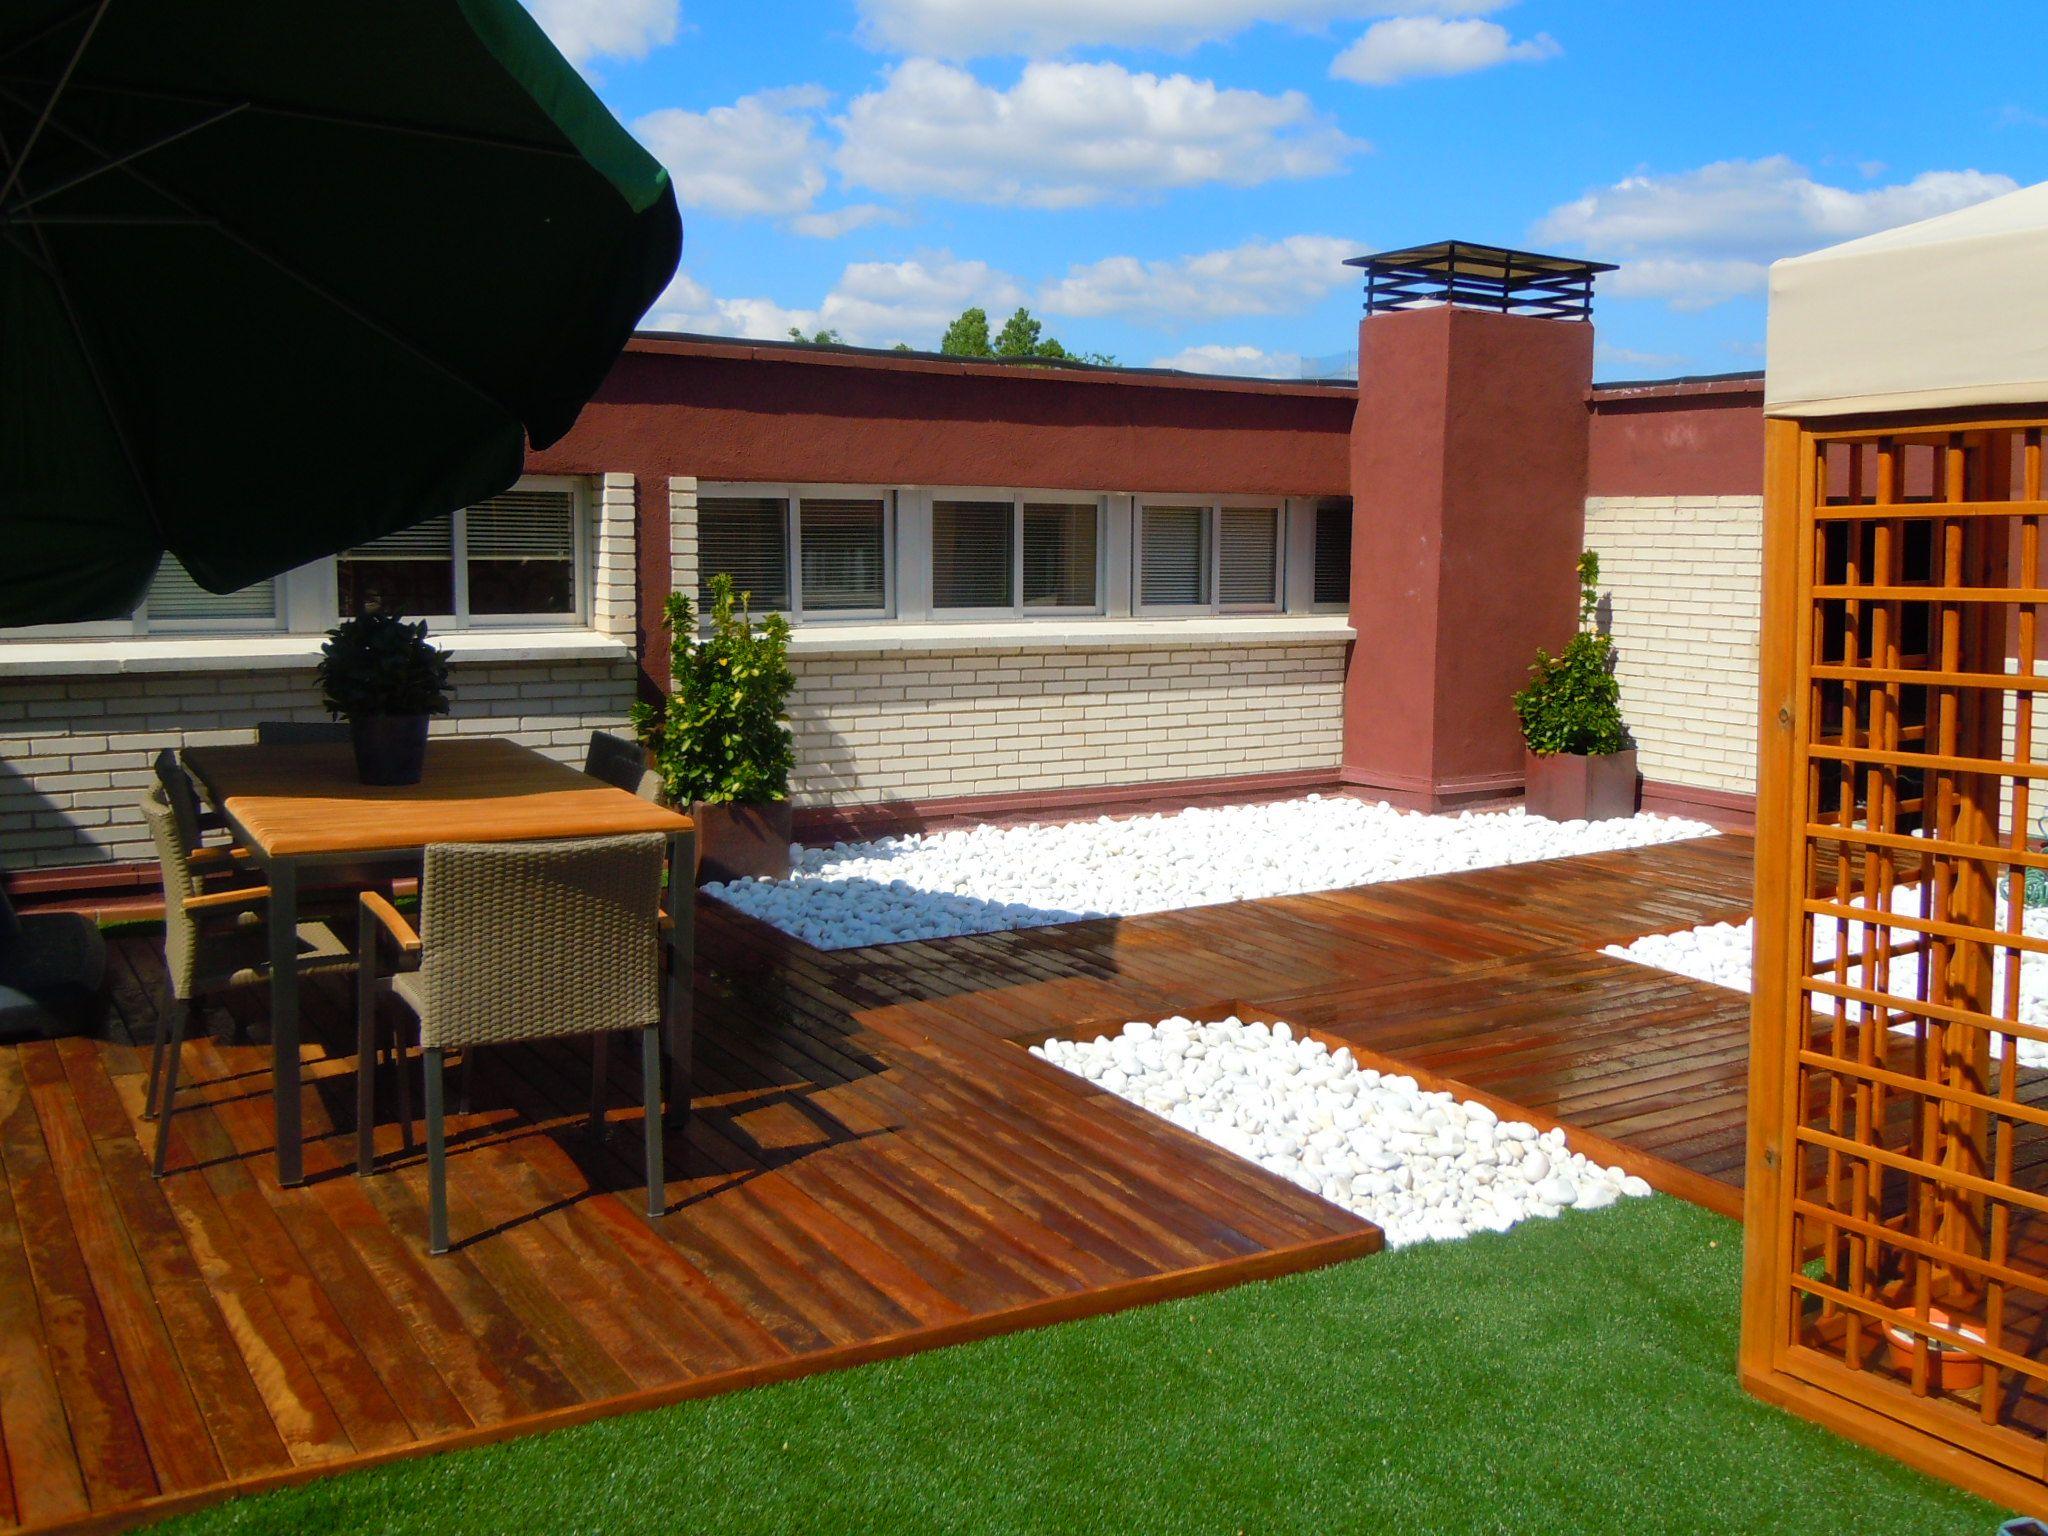 terraza con csped artificial y tarima de madera ipe httpwwwquejardines